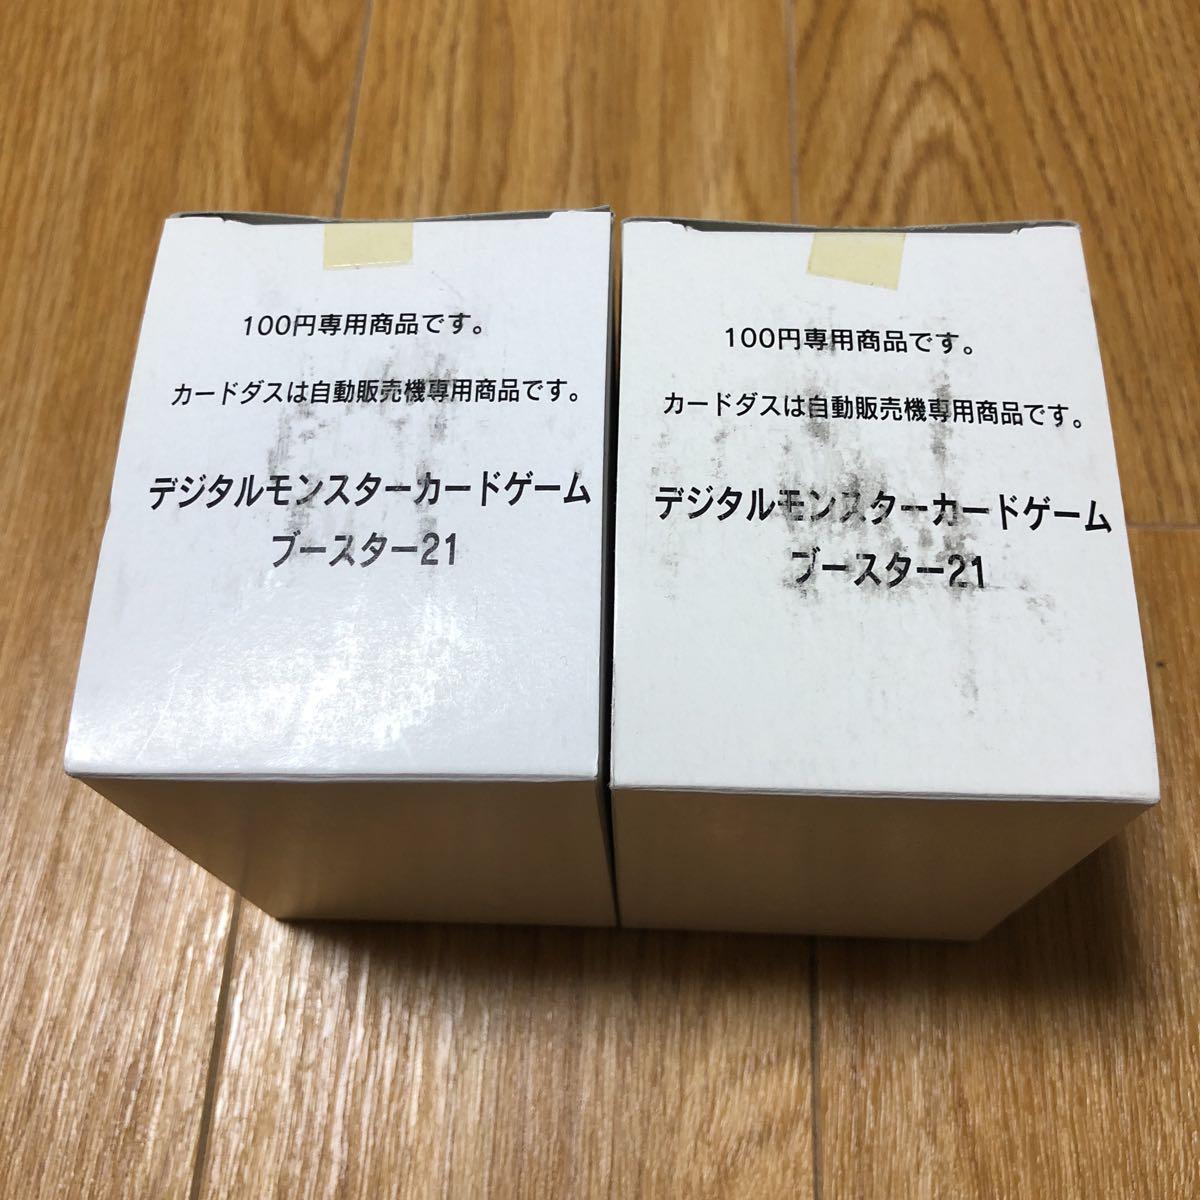 デジモンカード 未使用 ブースター21 2003年 デジタルモンスター カードゲーム 40セット×2box 新品_画像3